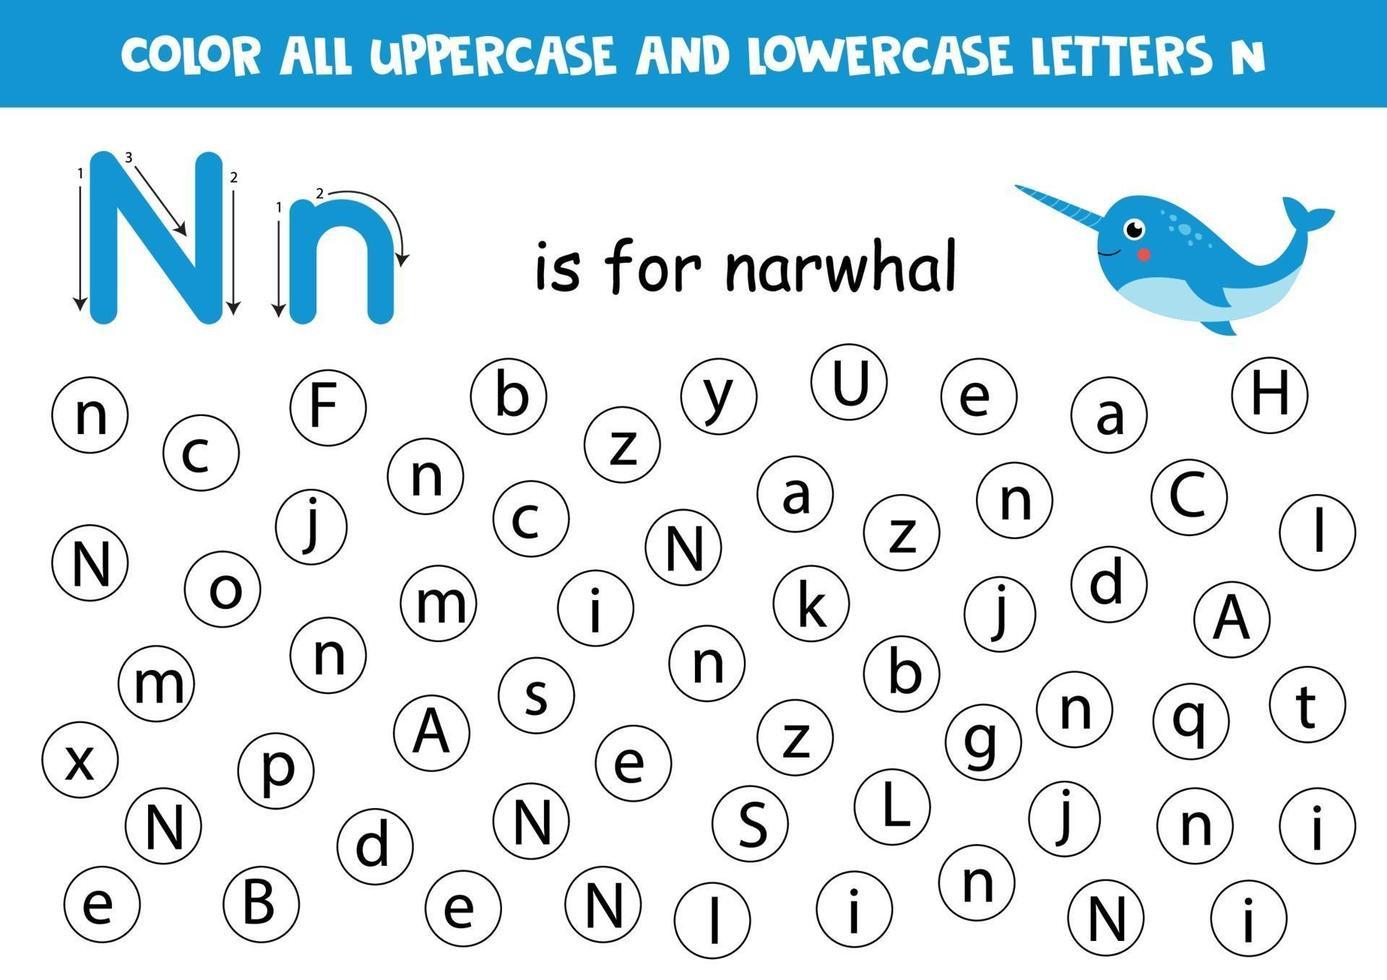 zoek en kleur alle letters n. alfabet spelletjes voor kinderen. vector